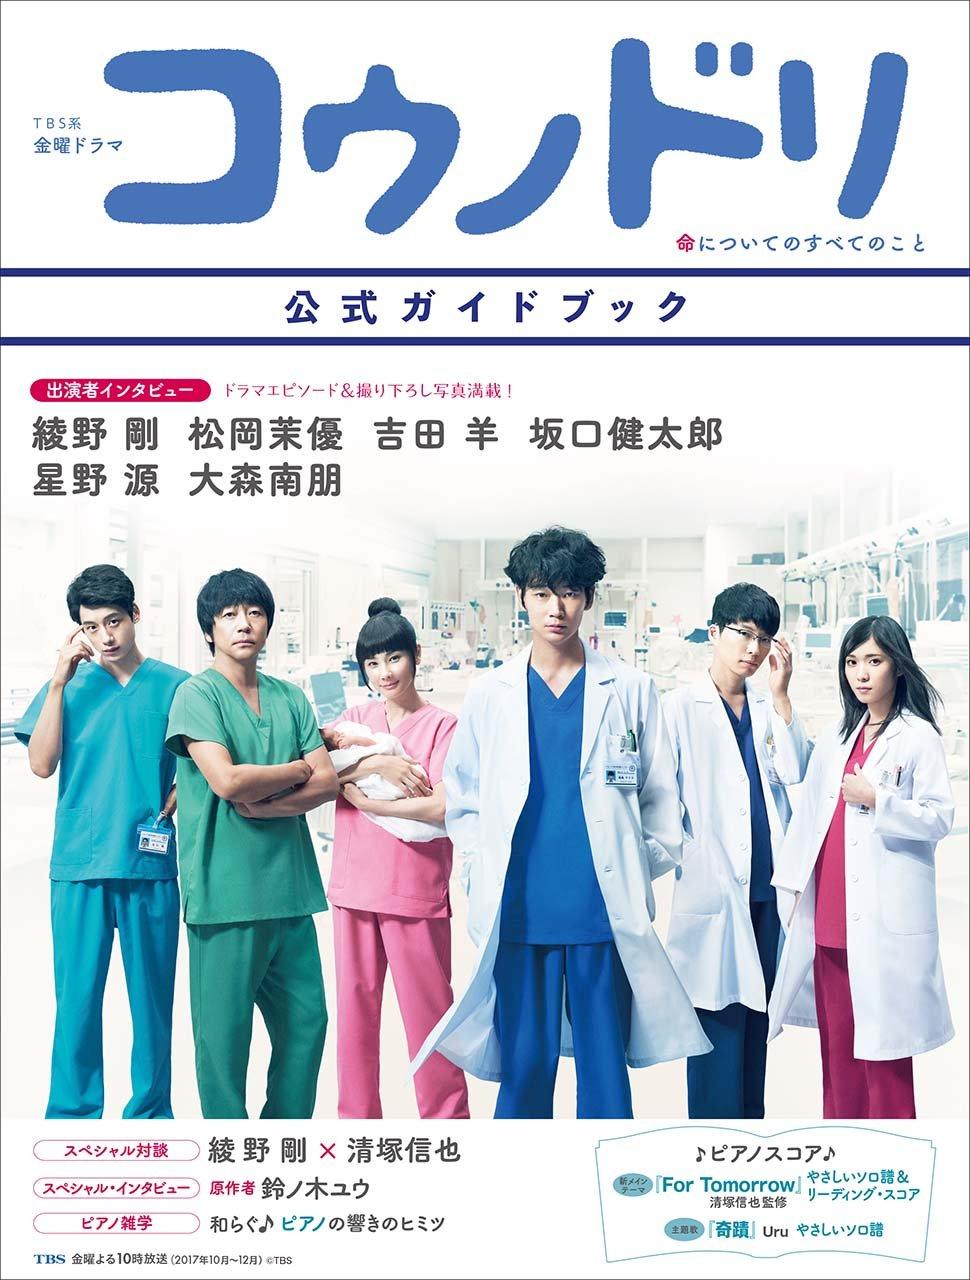 コウノドリ  Sản khoa Kounodori (2015) [11/11 Sub Nhật]